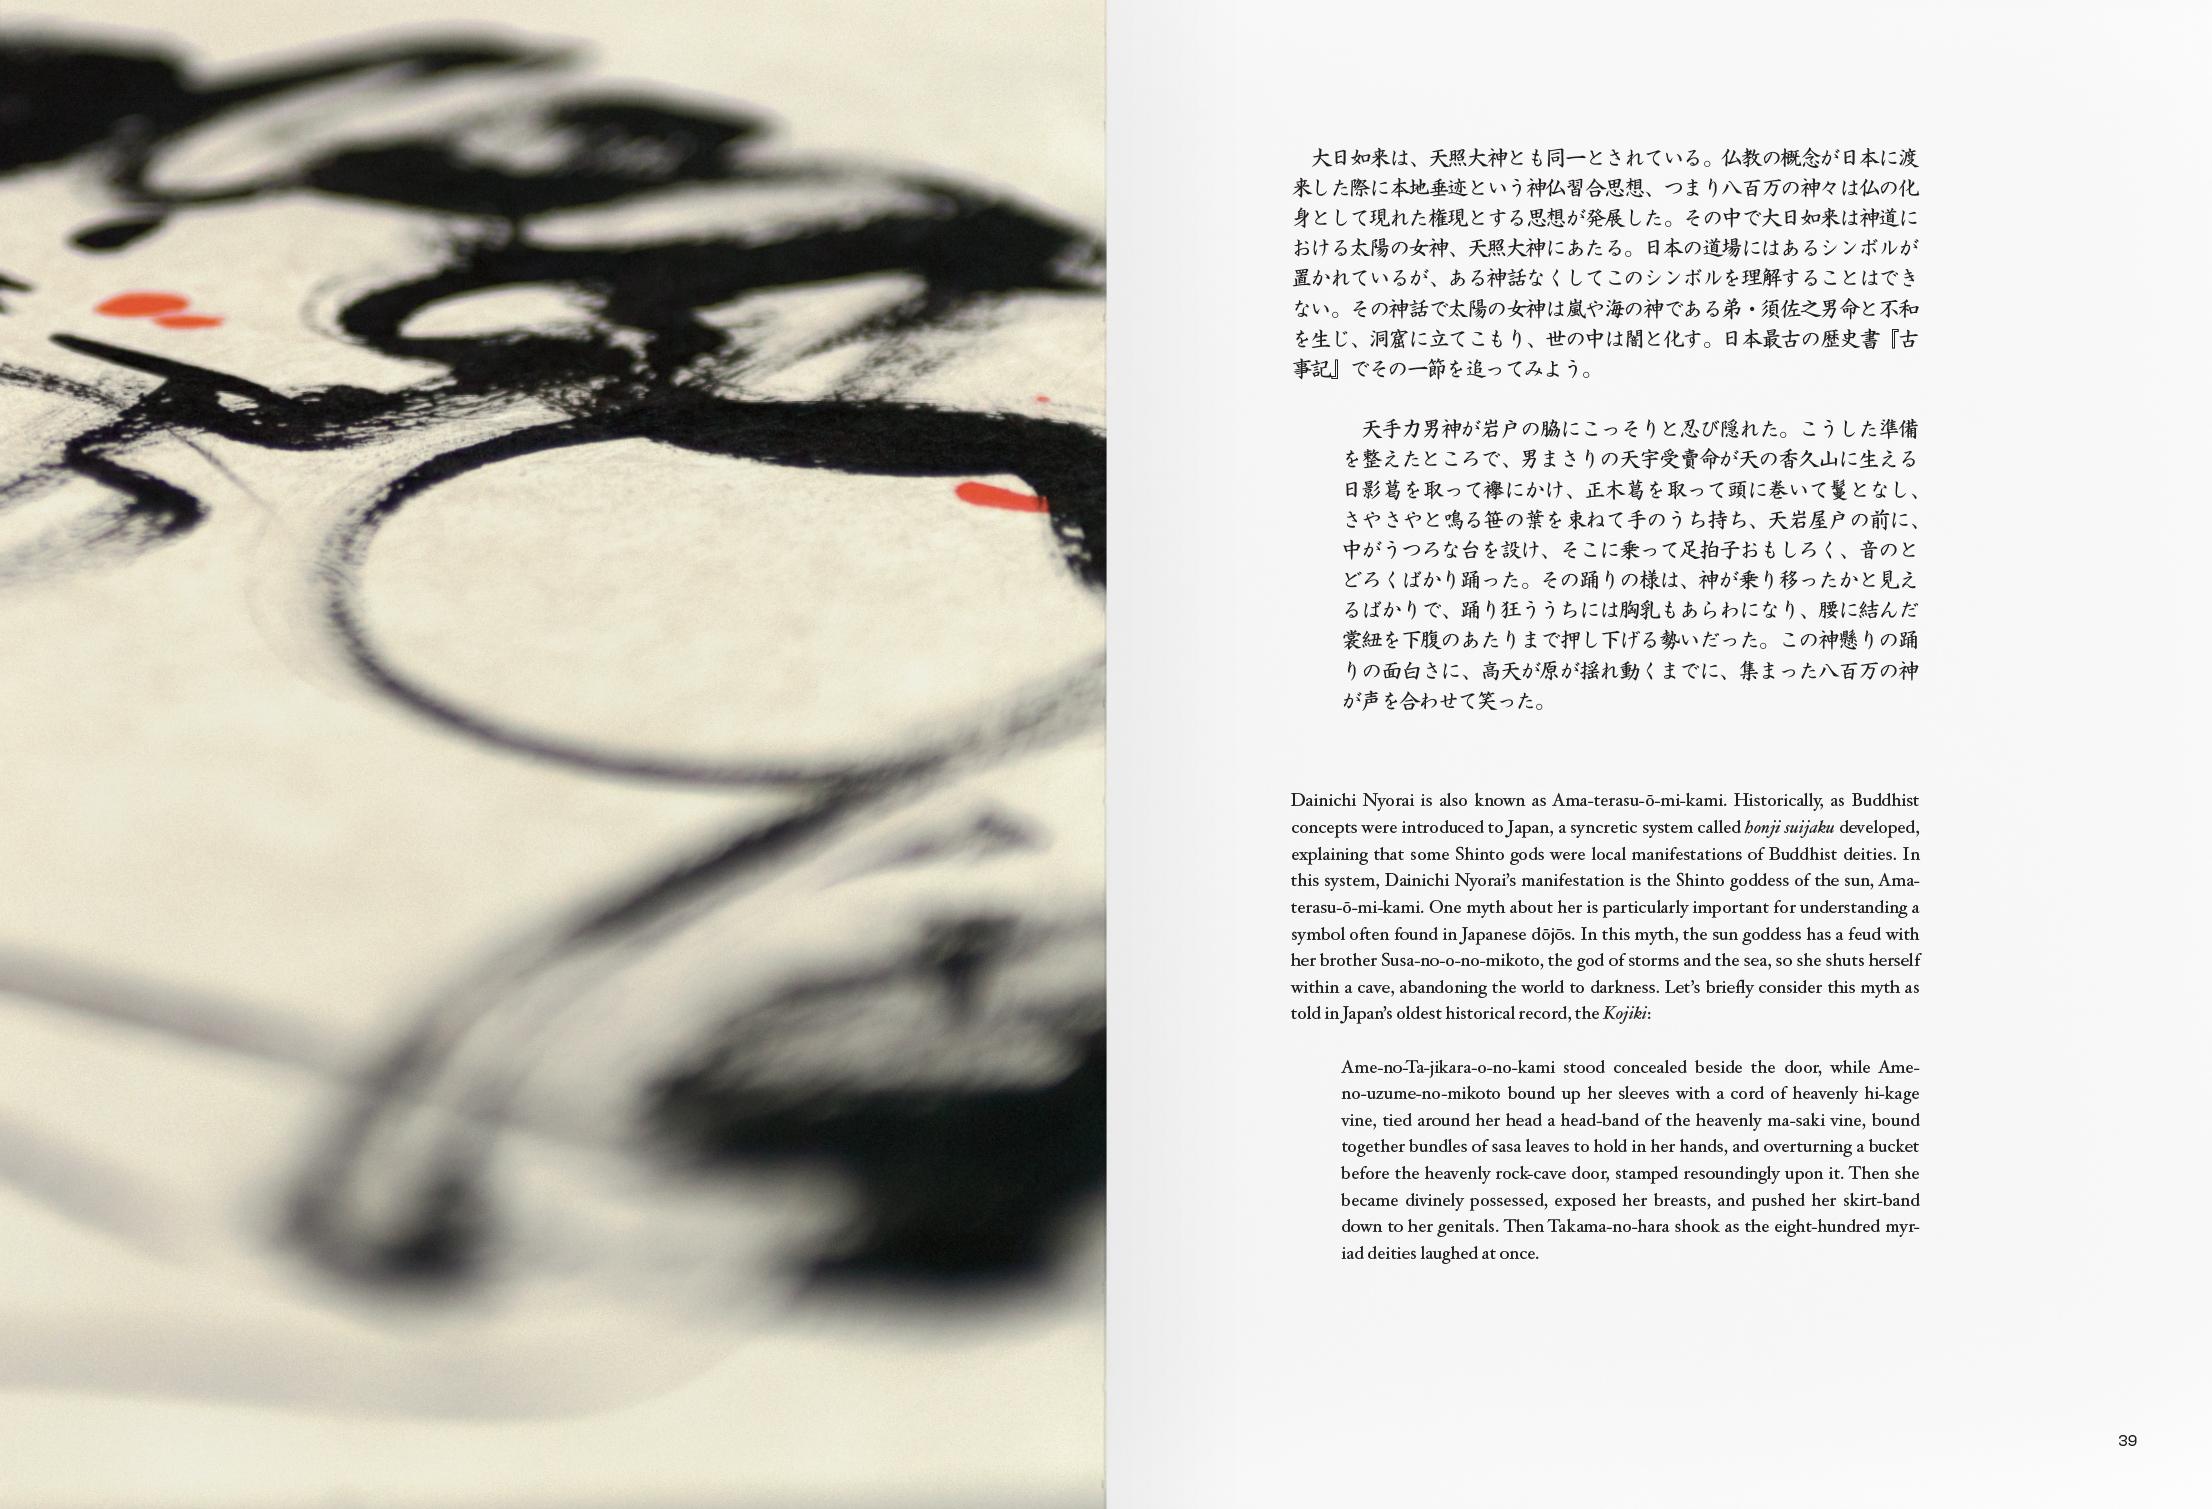 DojoGiga_book_spreads_new_02.jpg